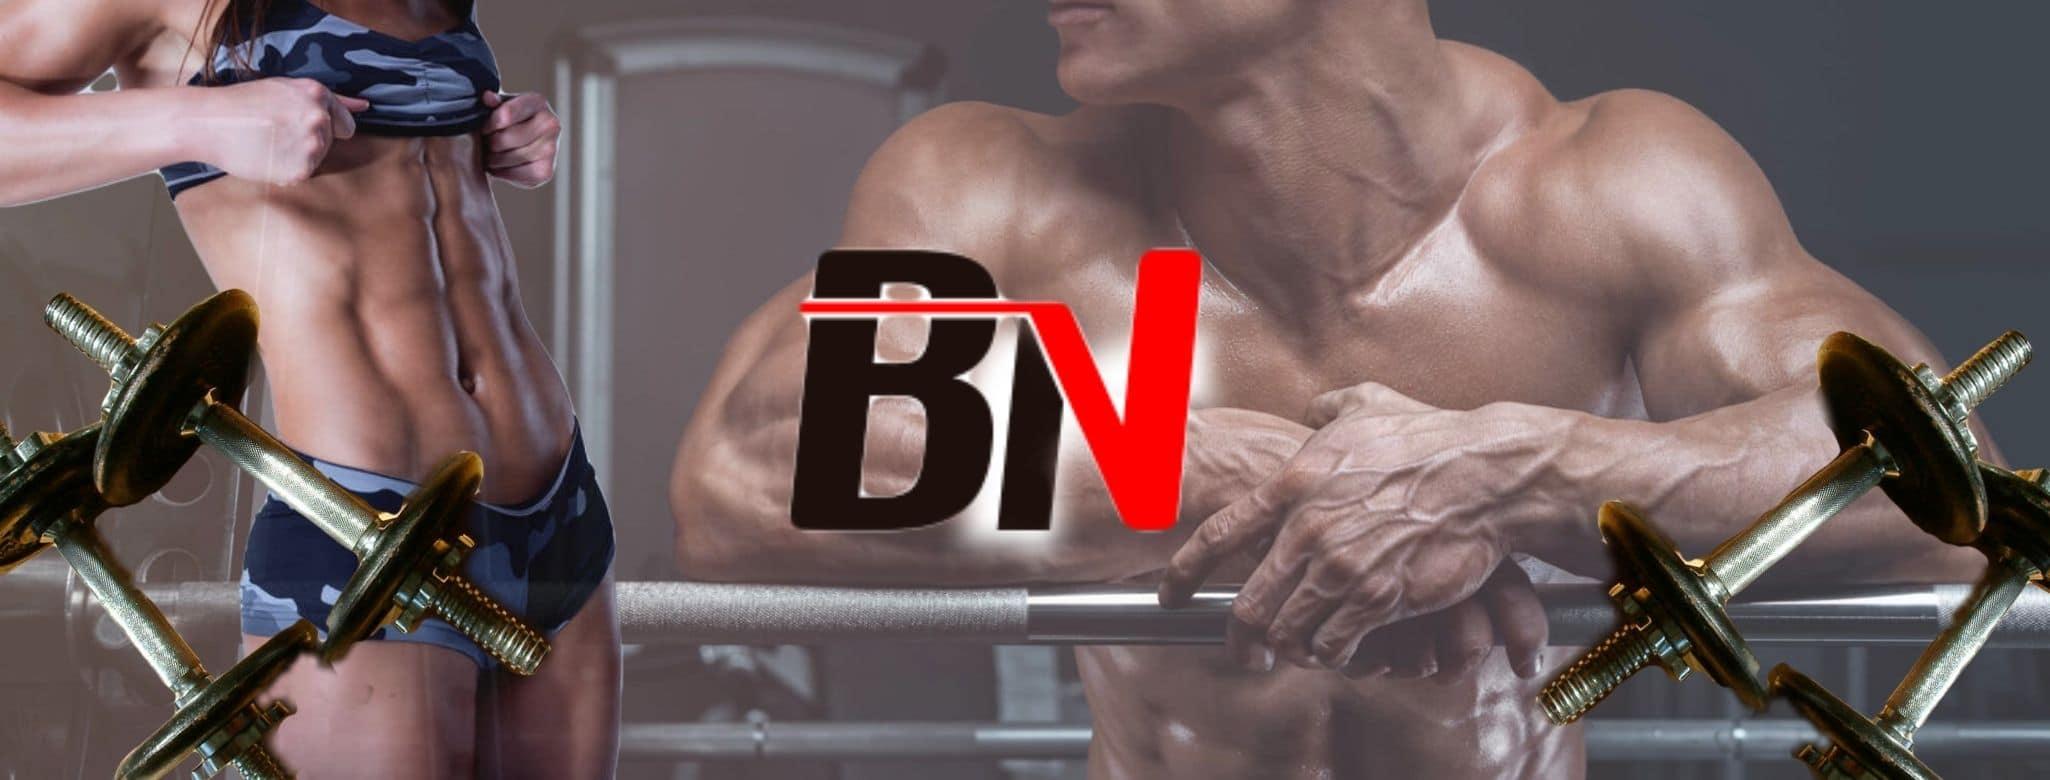 Vigorexia, la obsesión por los músculos